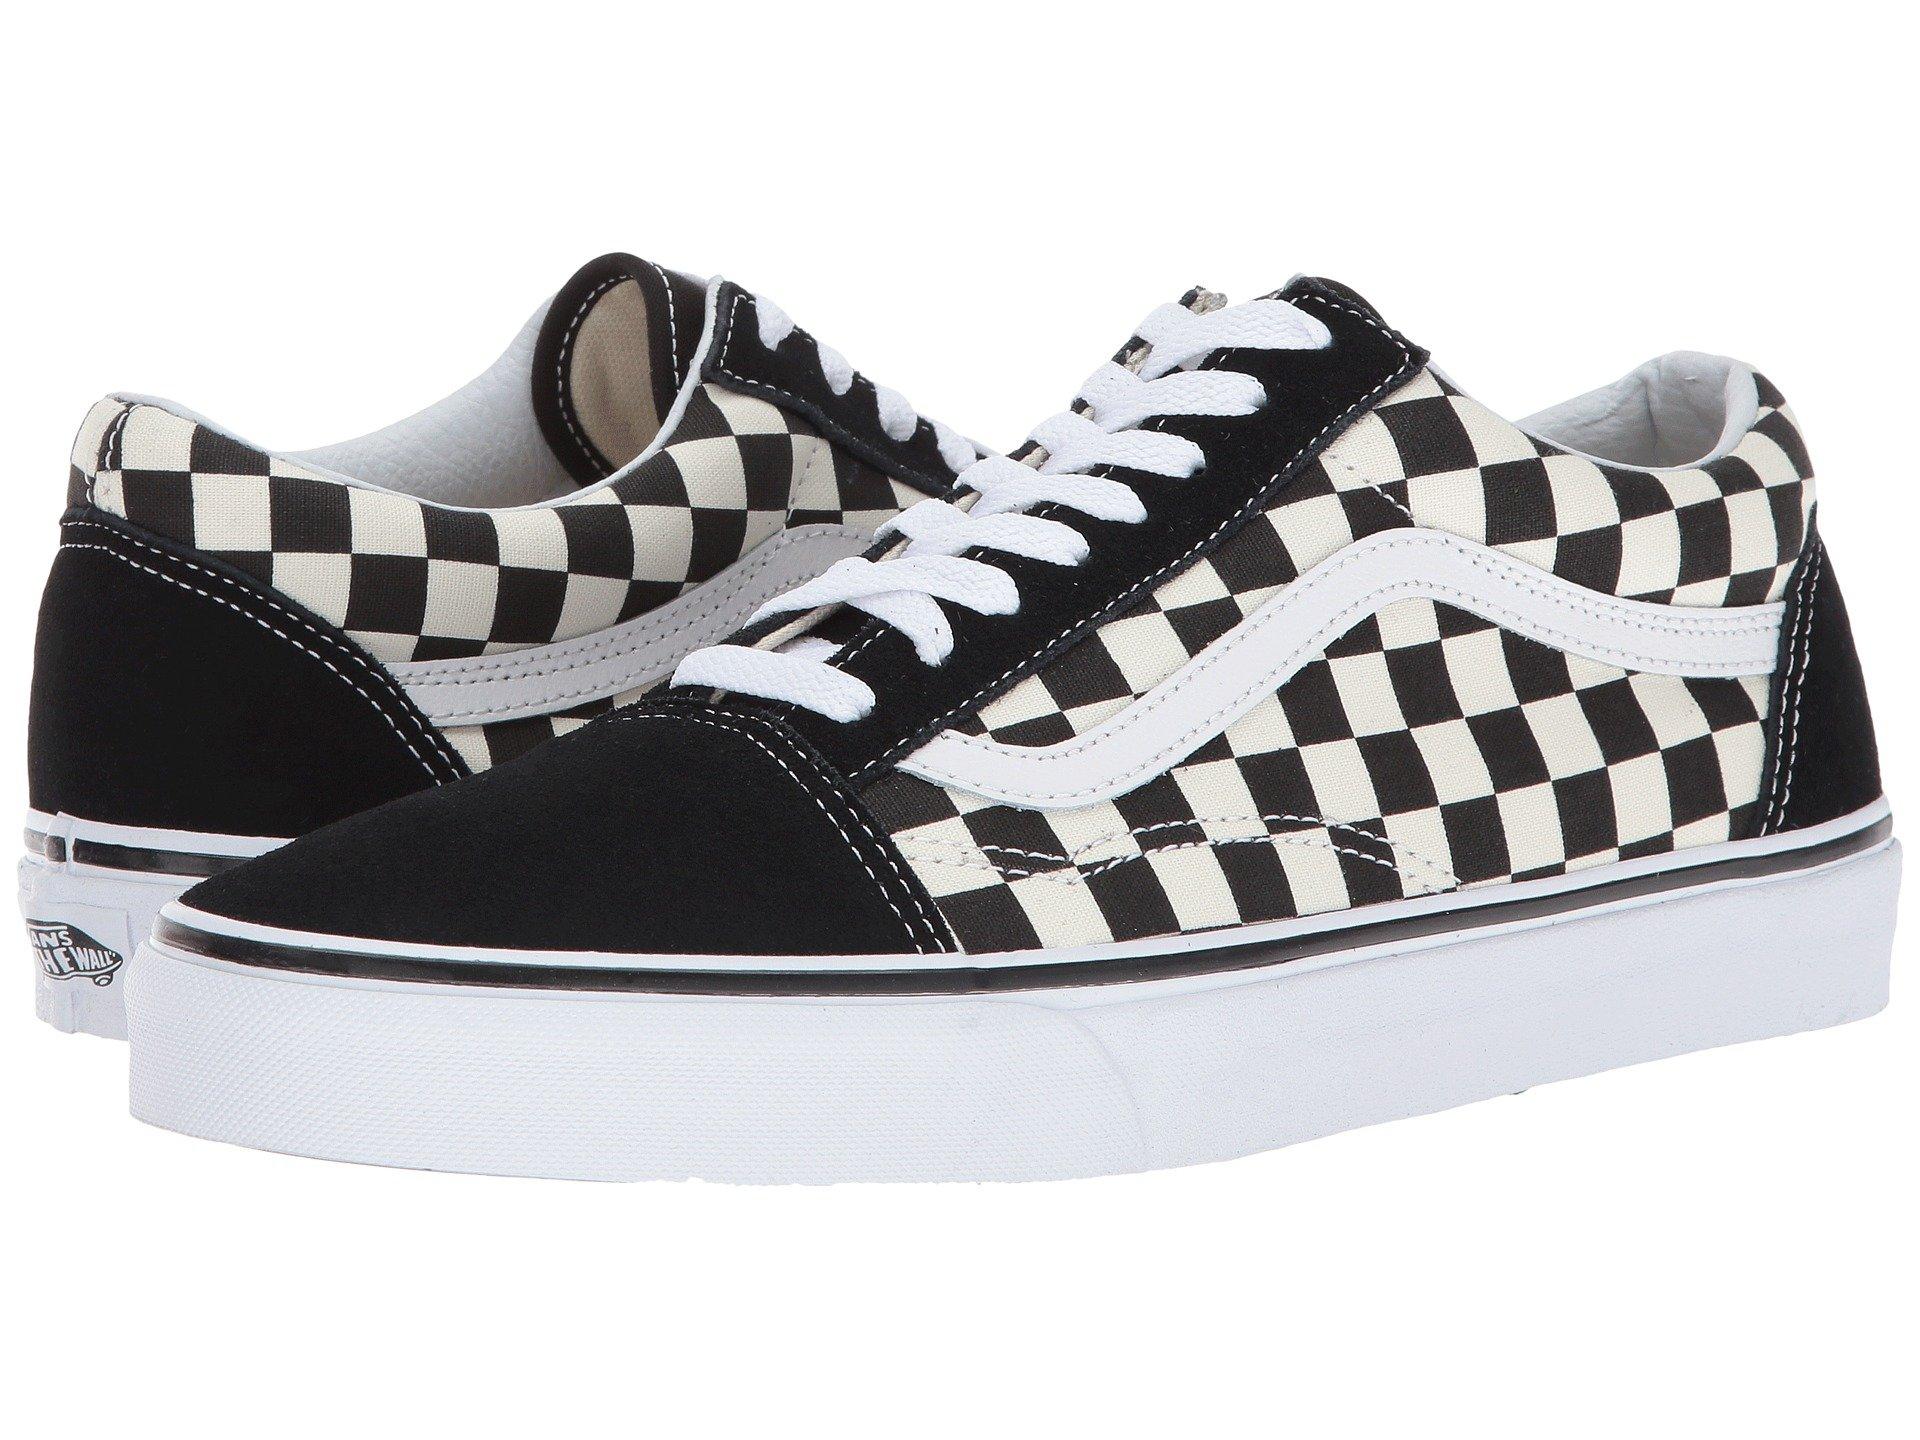 Vans Unisex Checkerboard Old Skool Lite Blk/White Checkerboard Slip-On - 3.5 by Vans (Image #7)